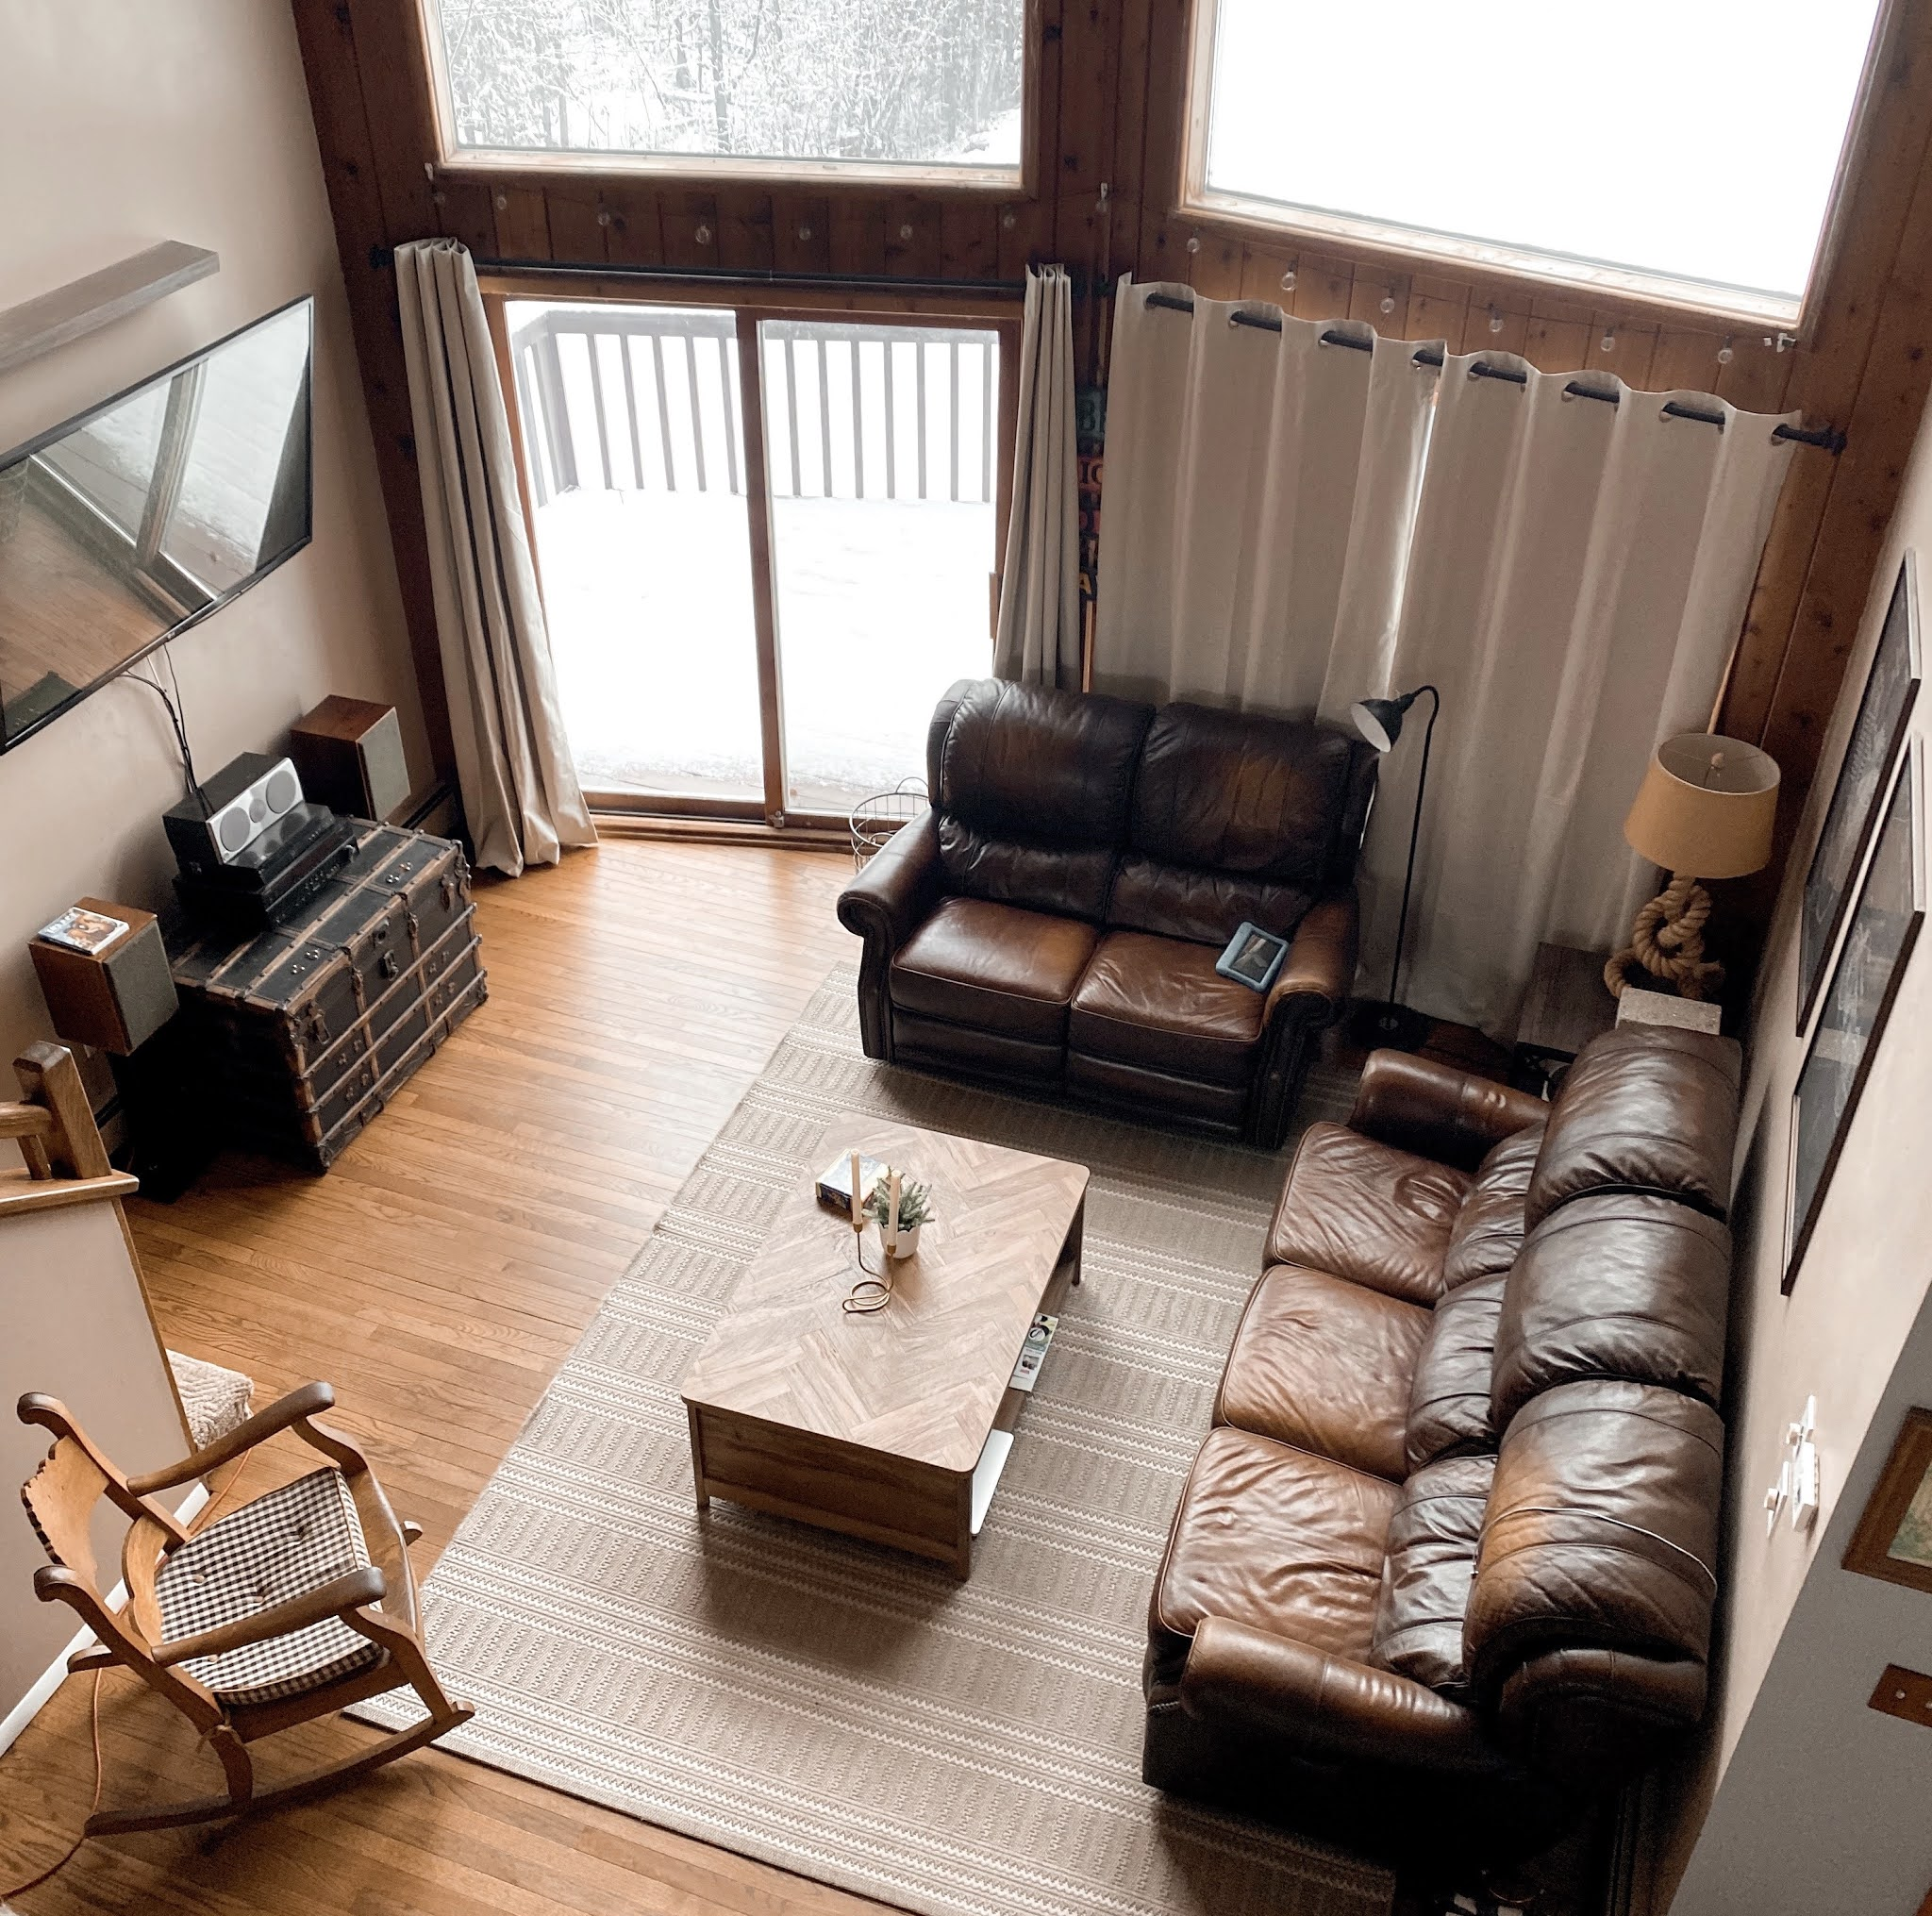 Updated Living Room Arrangement | www.biblio-style.com